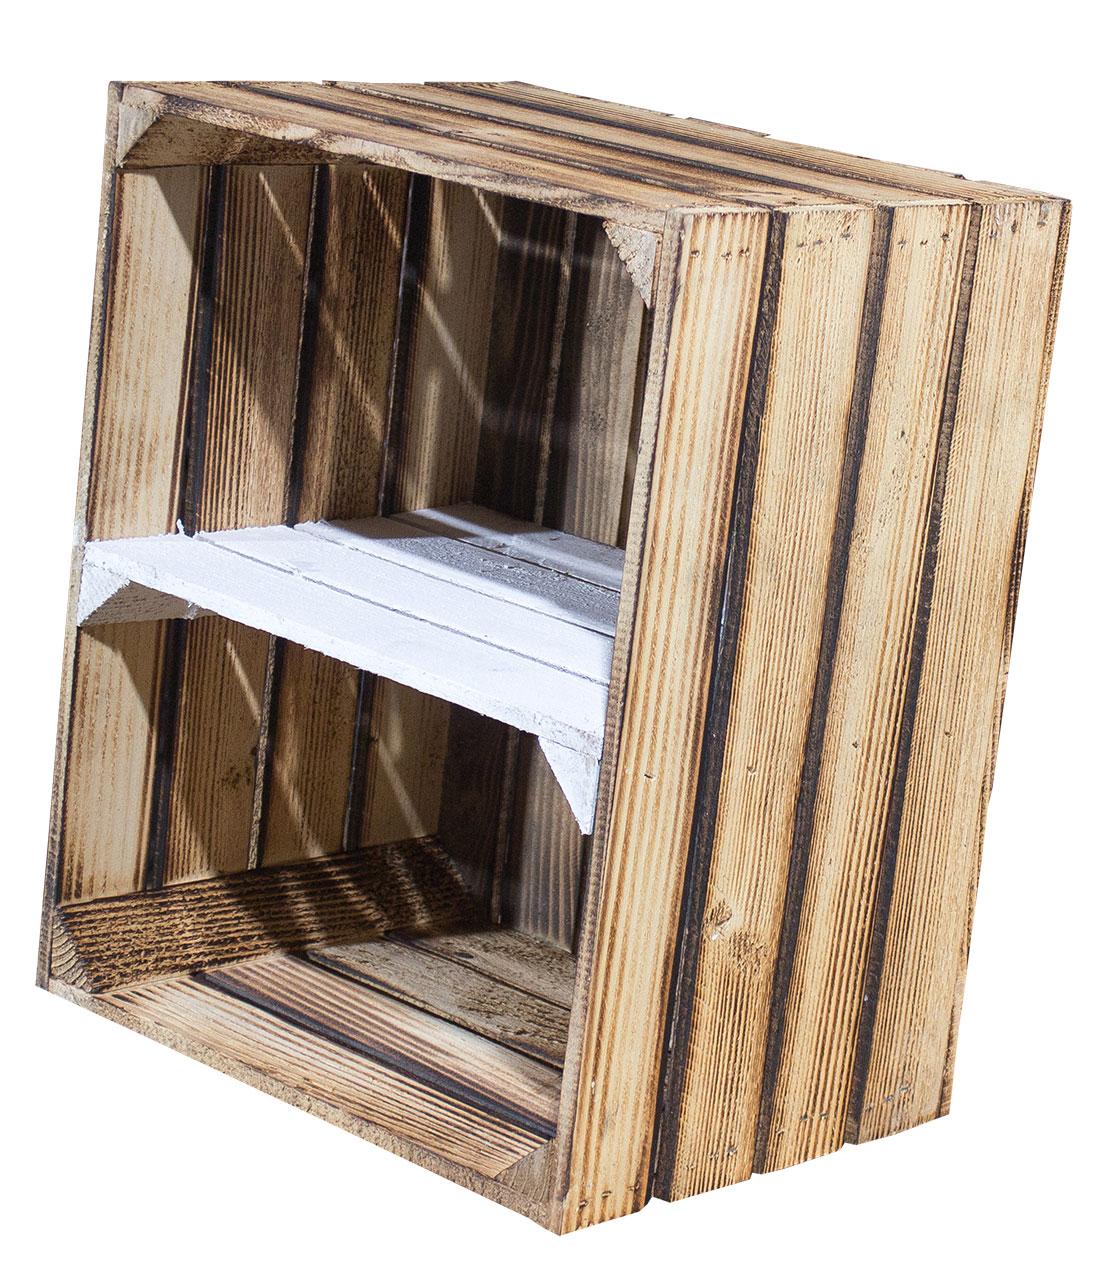 Geflammte Holzkiste mit Mittelbrett in weiß -quer- 50x40x30cm